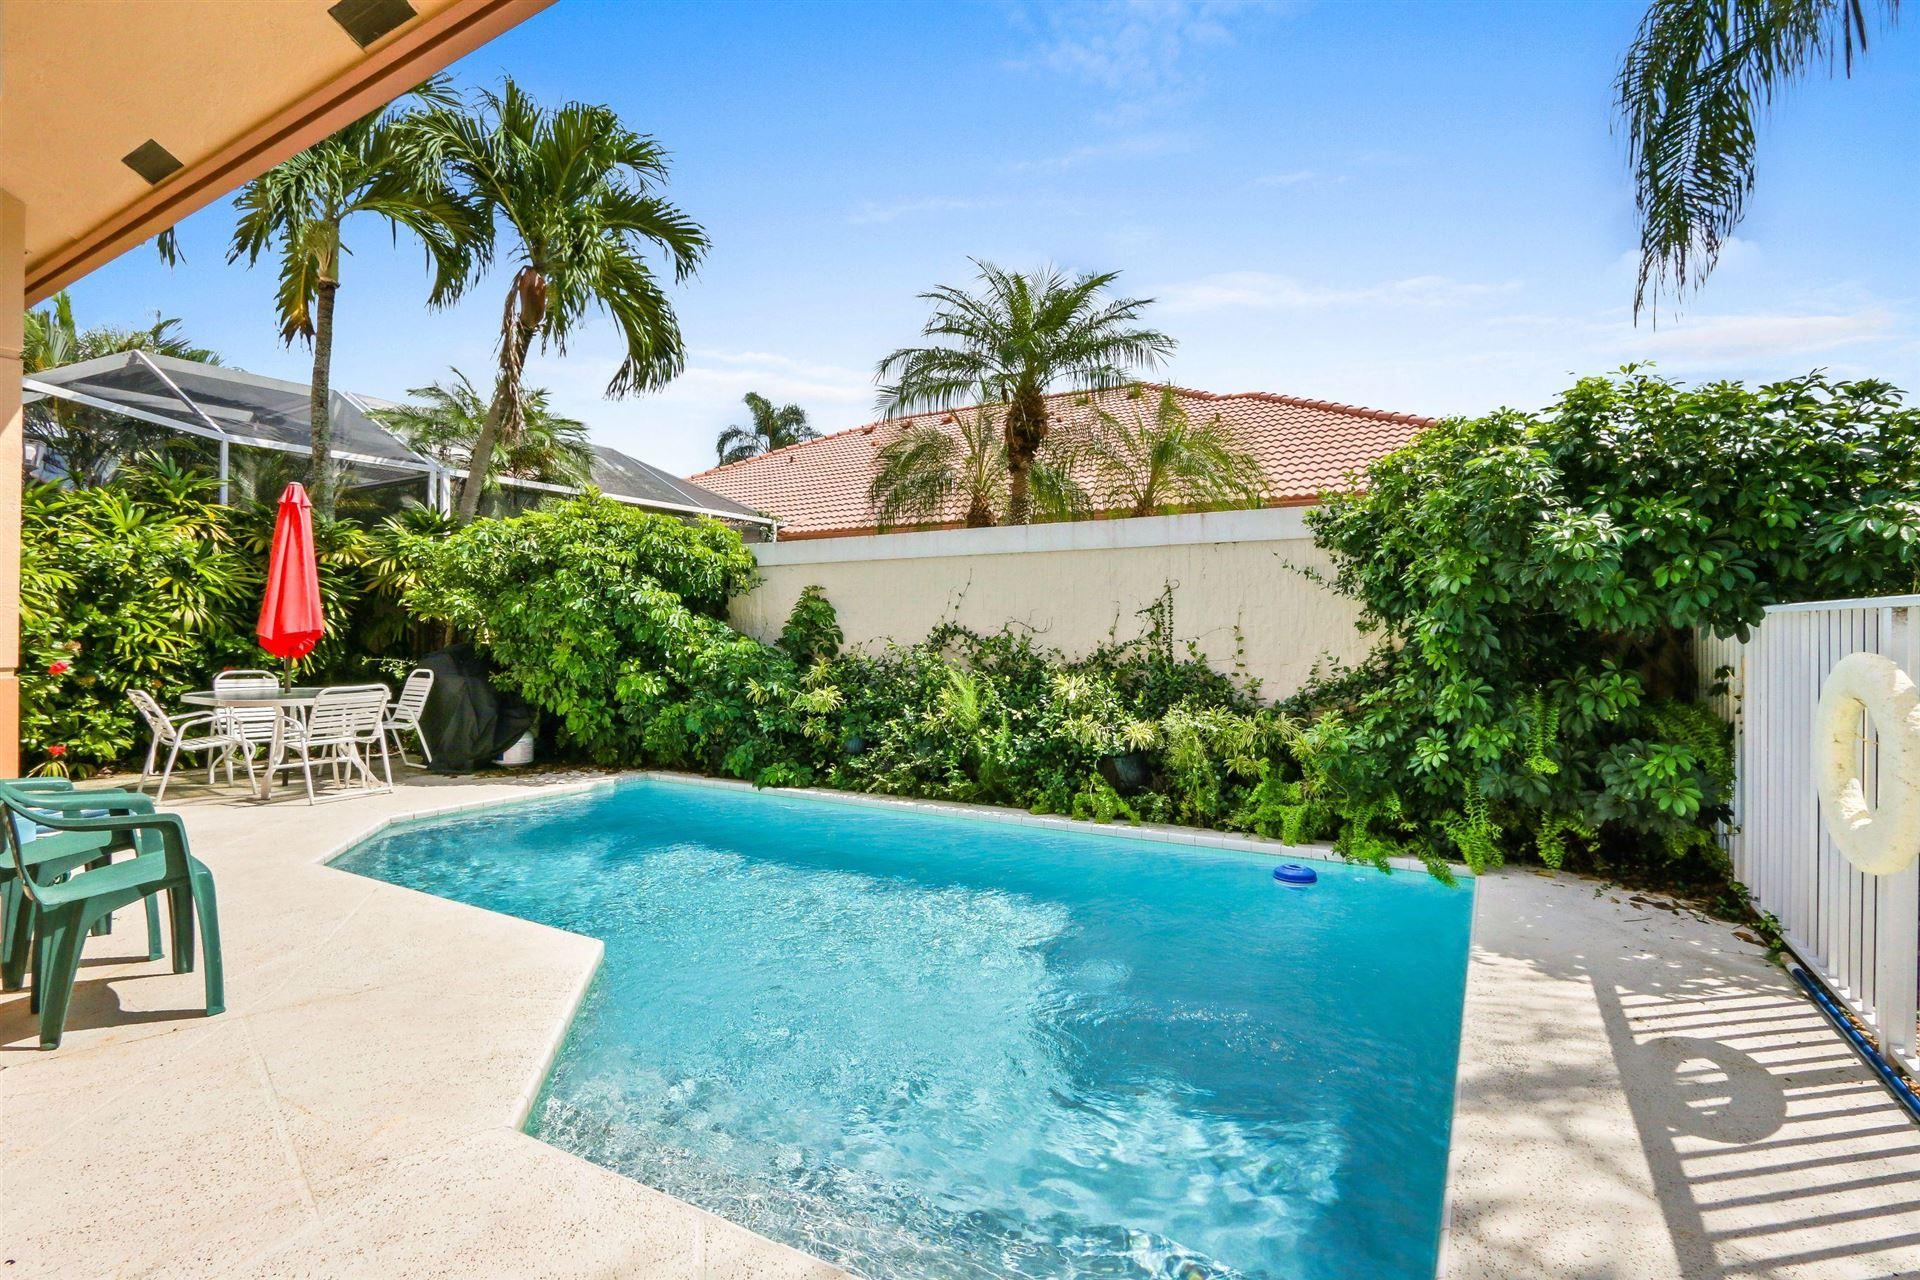 Photo of 32 Monterey Pointe Drive, Palm Beach Gardens, FL 33418 (MLS # RX-10603322)